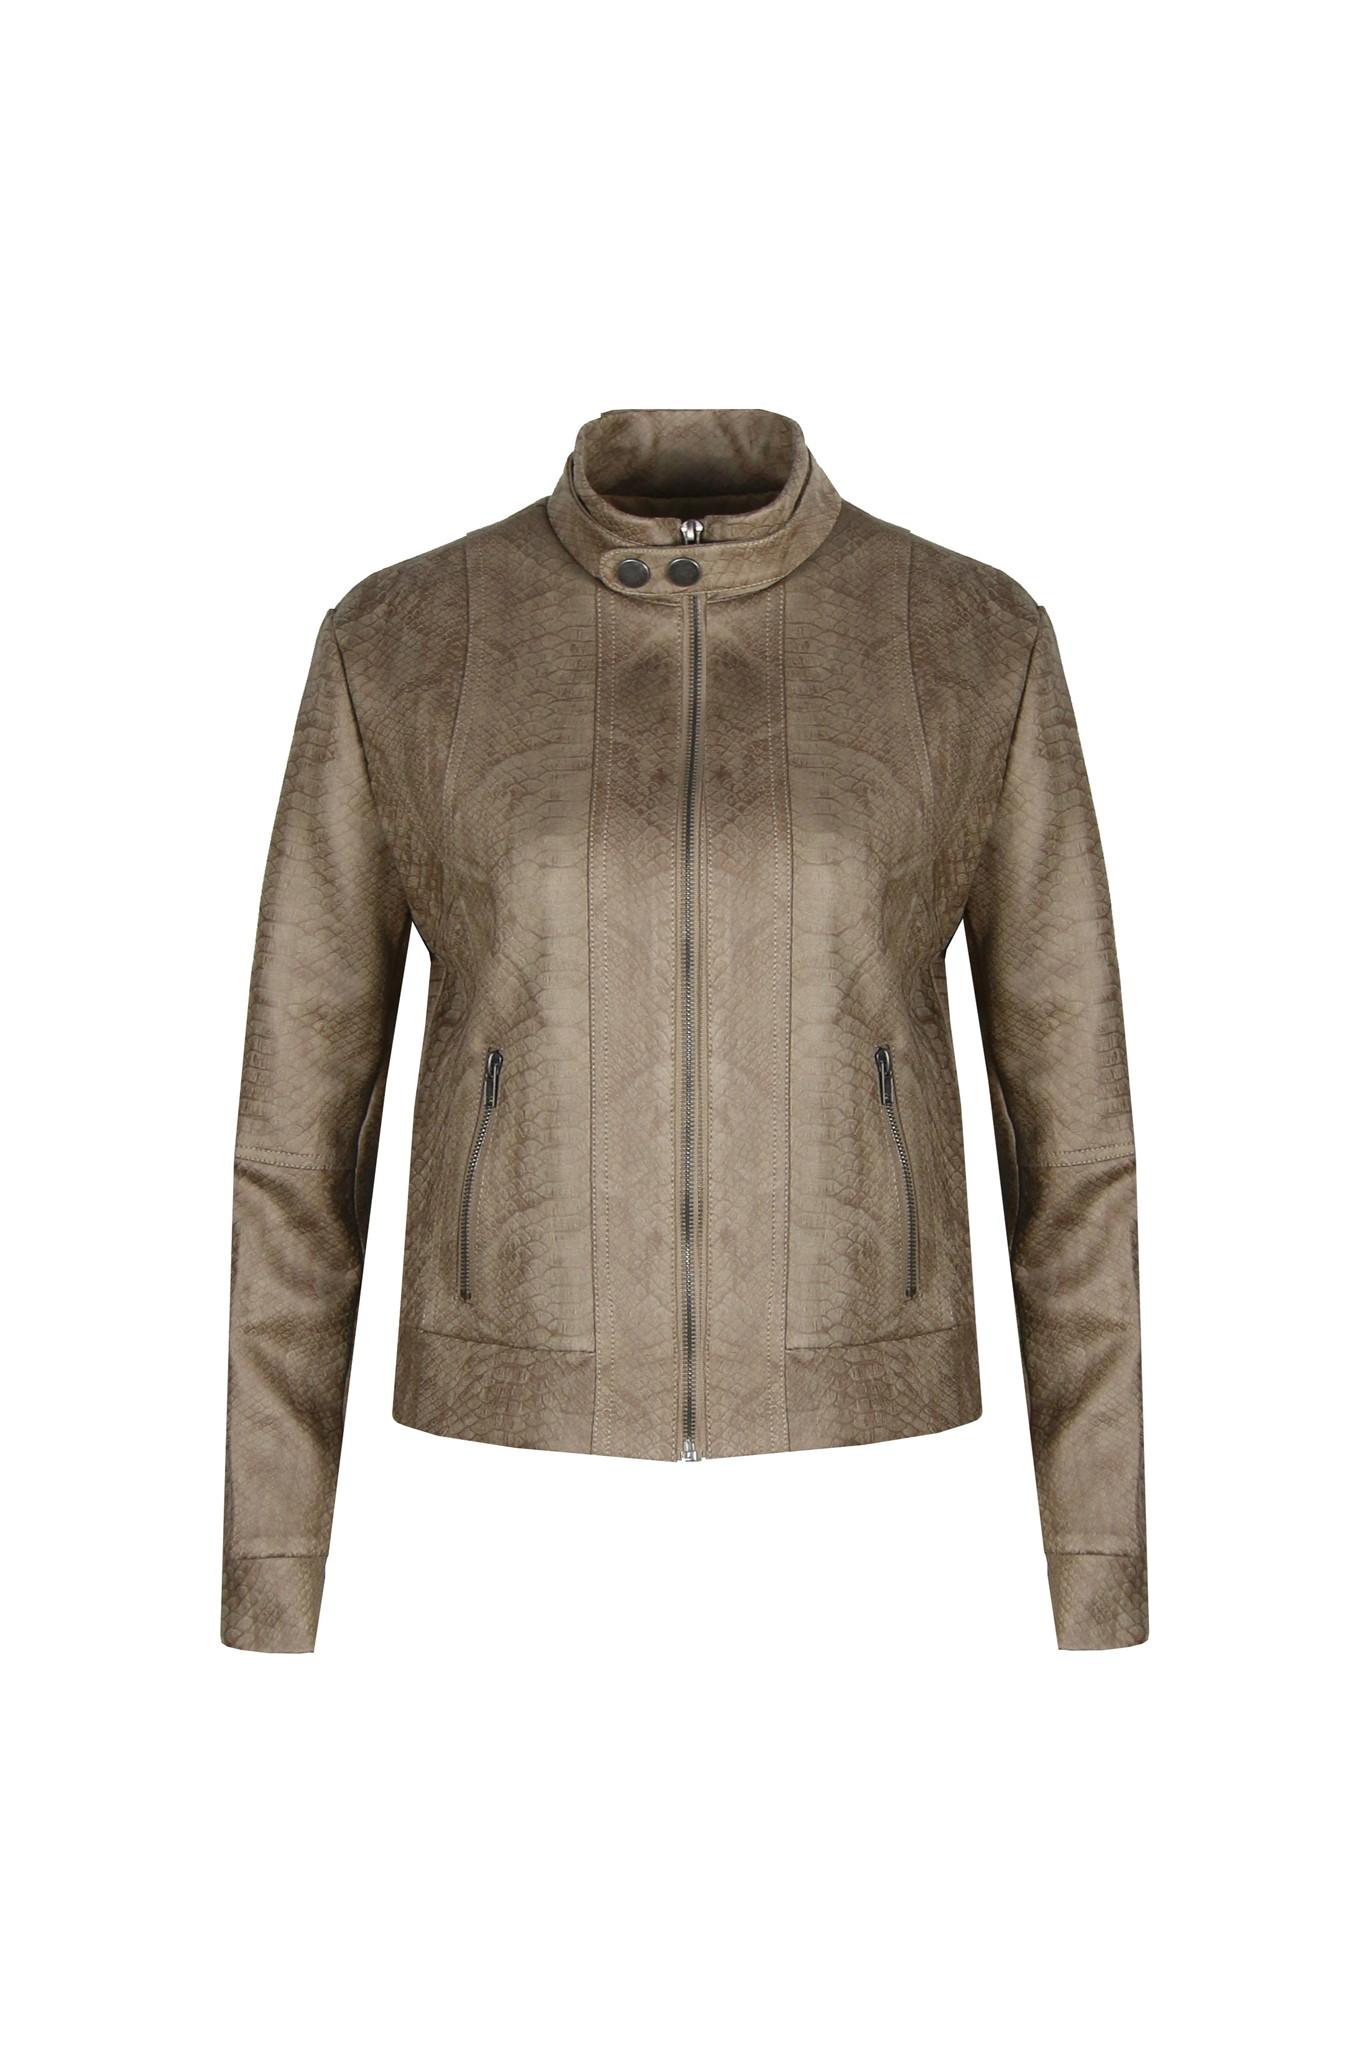 G-Maxx G-Maxx Cosja jacket sahara